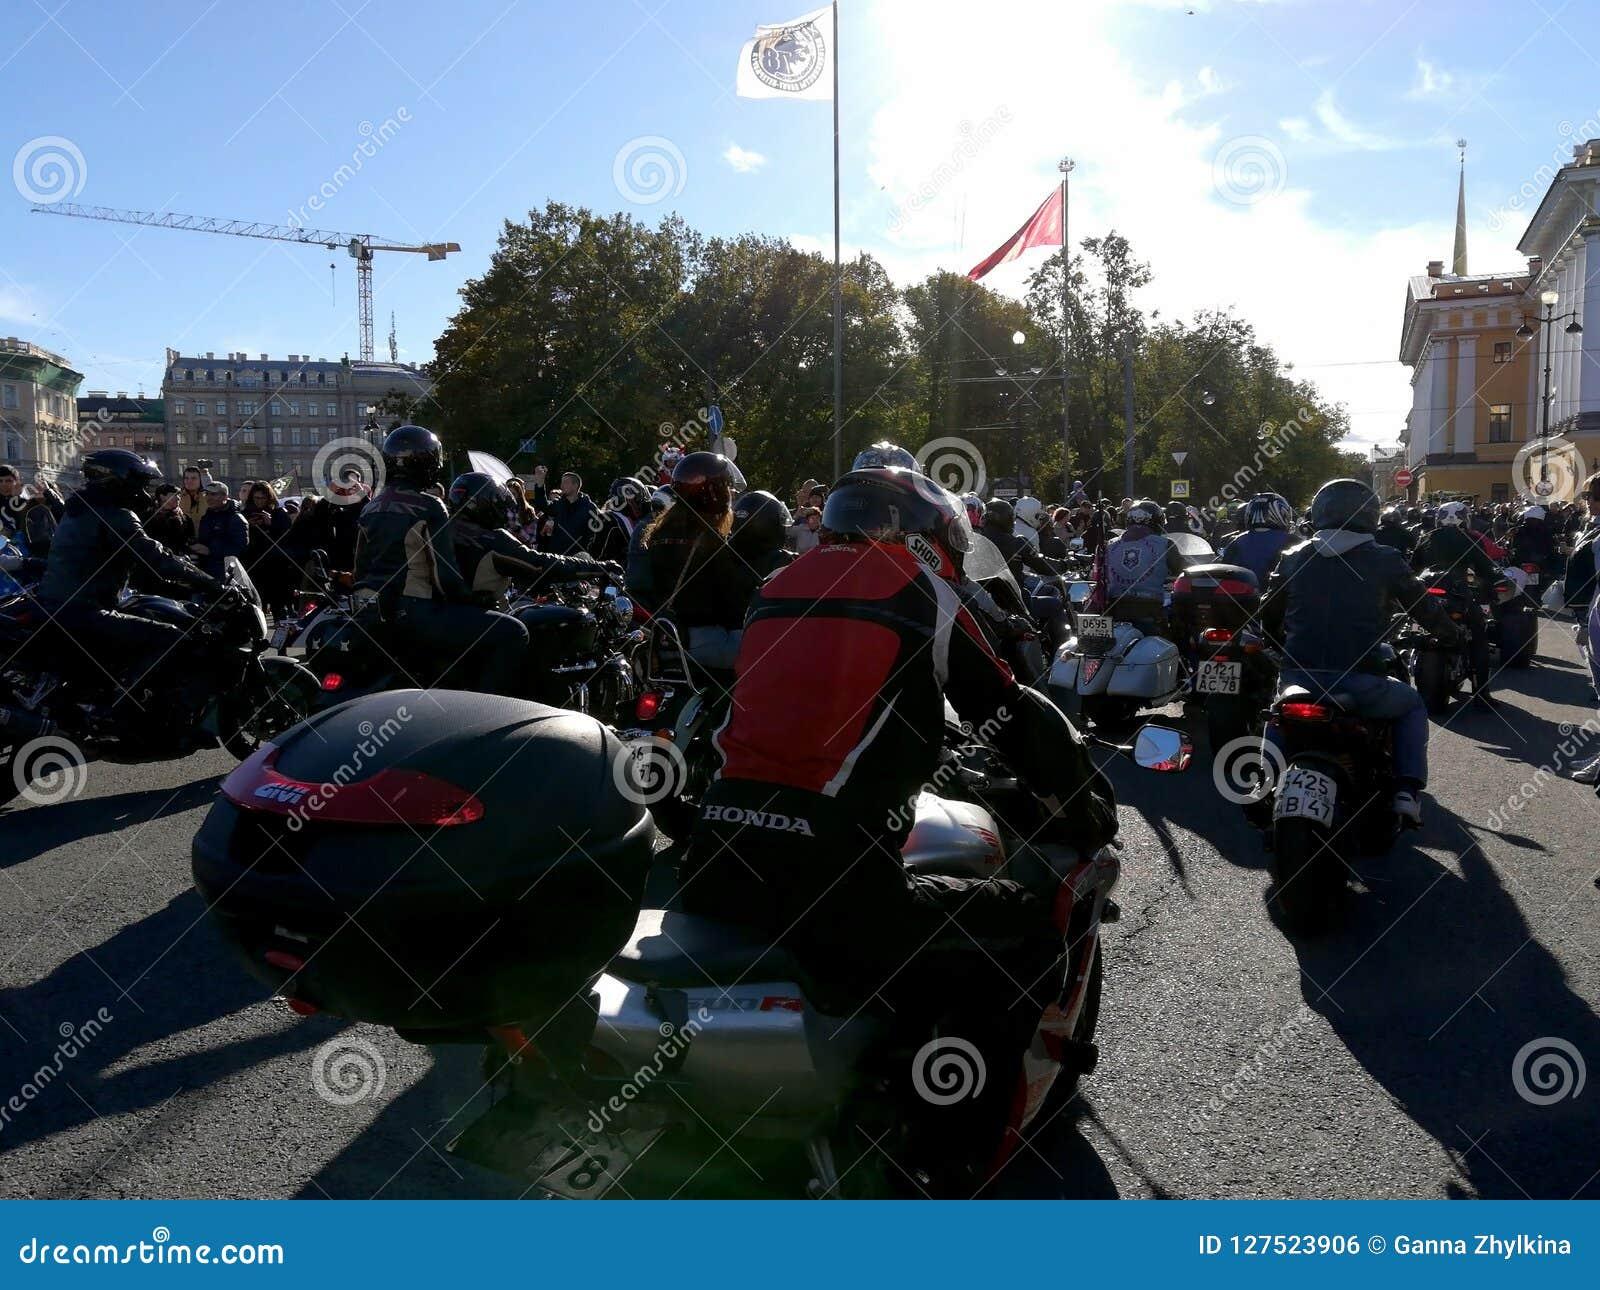 St. Petersburg, Rusland - 09 29 2018: Motofestival bij het Paleisvierkant, het sluiten van het motorseizoen